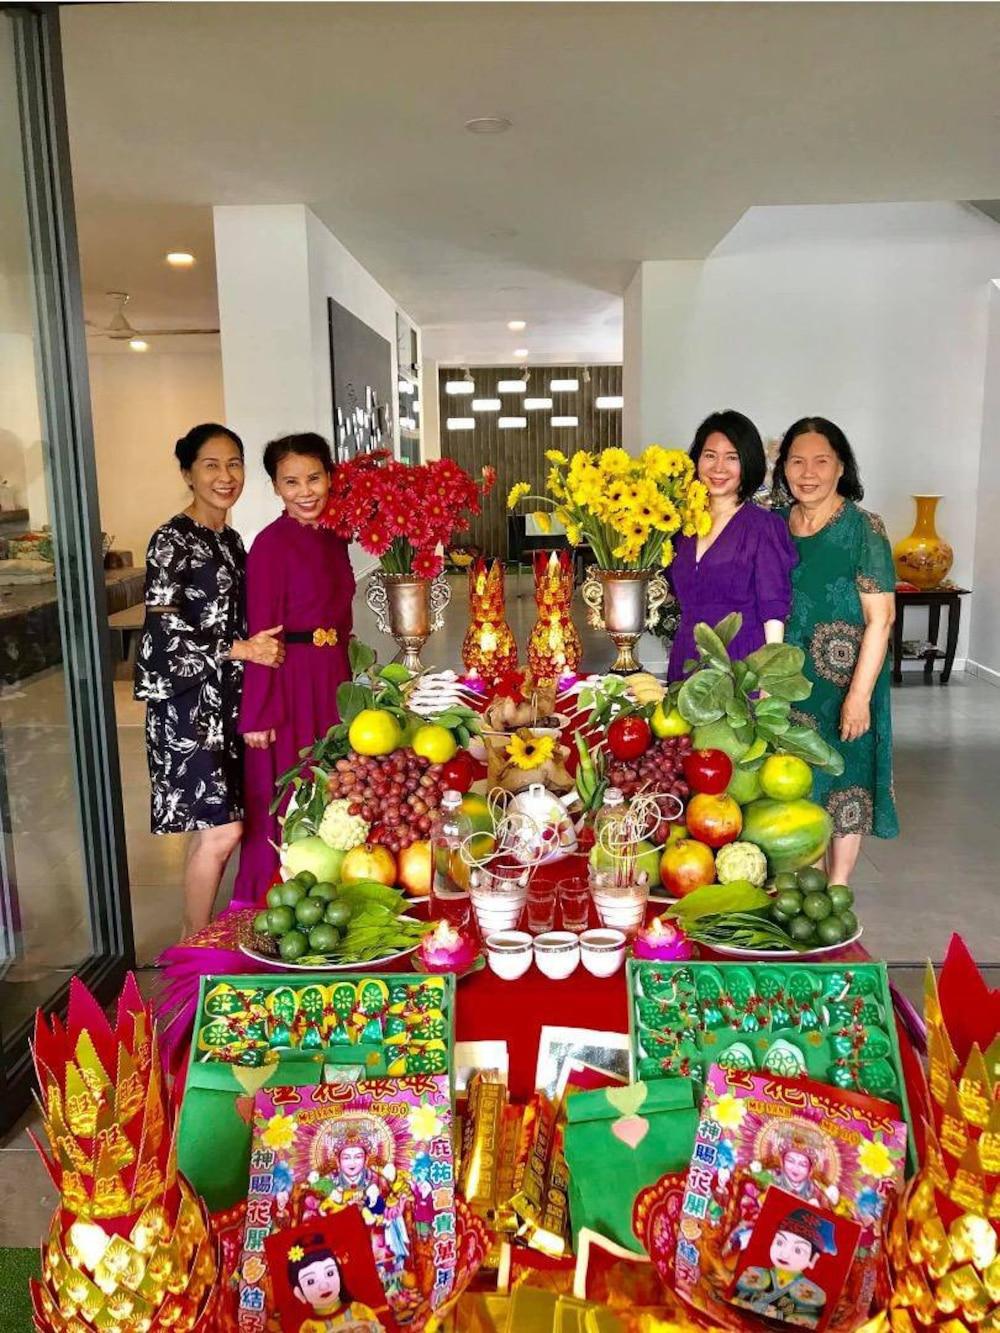 Mẹ Hồ Ngọc Hà chia sẻ hình ảnh trong ngày cúng mụ cho cặp cháu sinh đôi Leon - Lisa